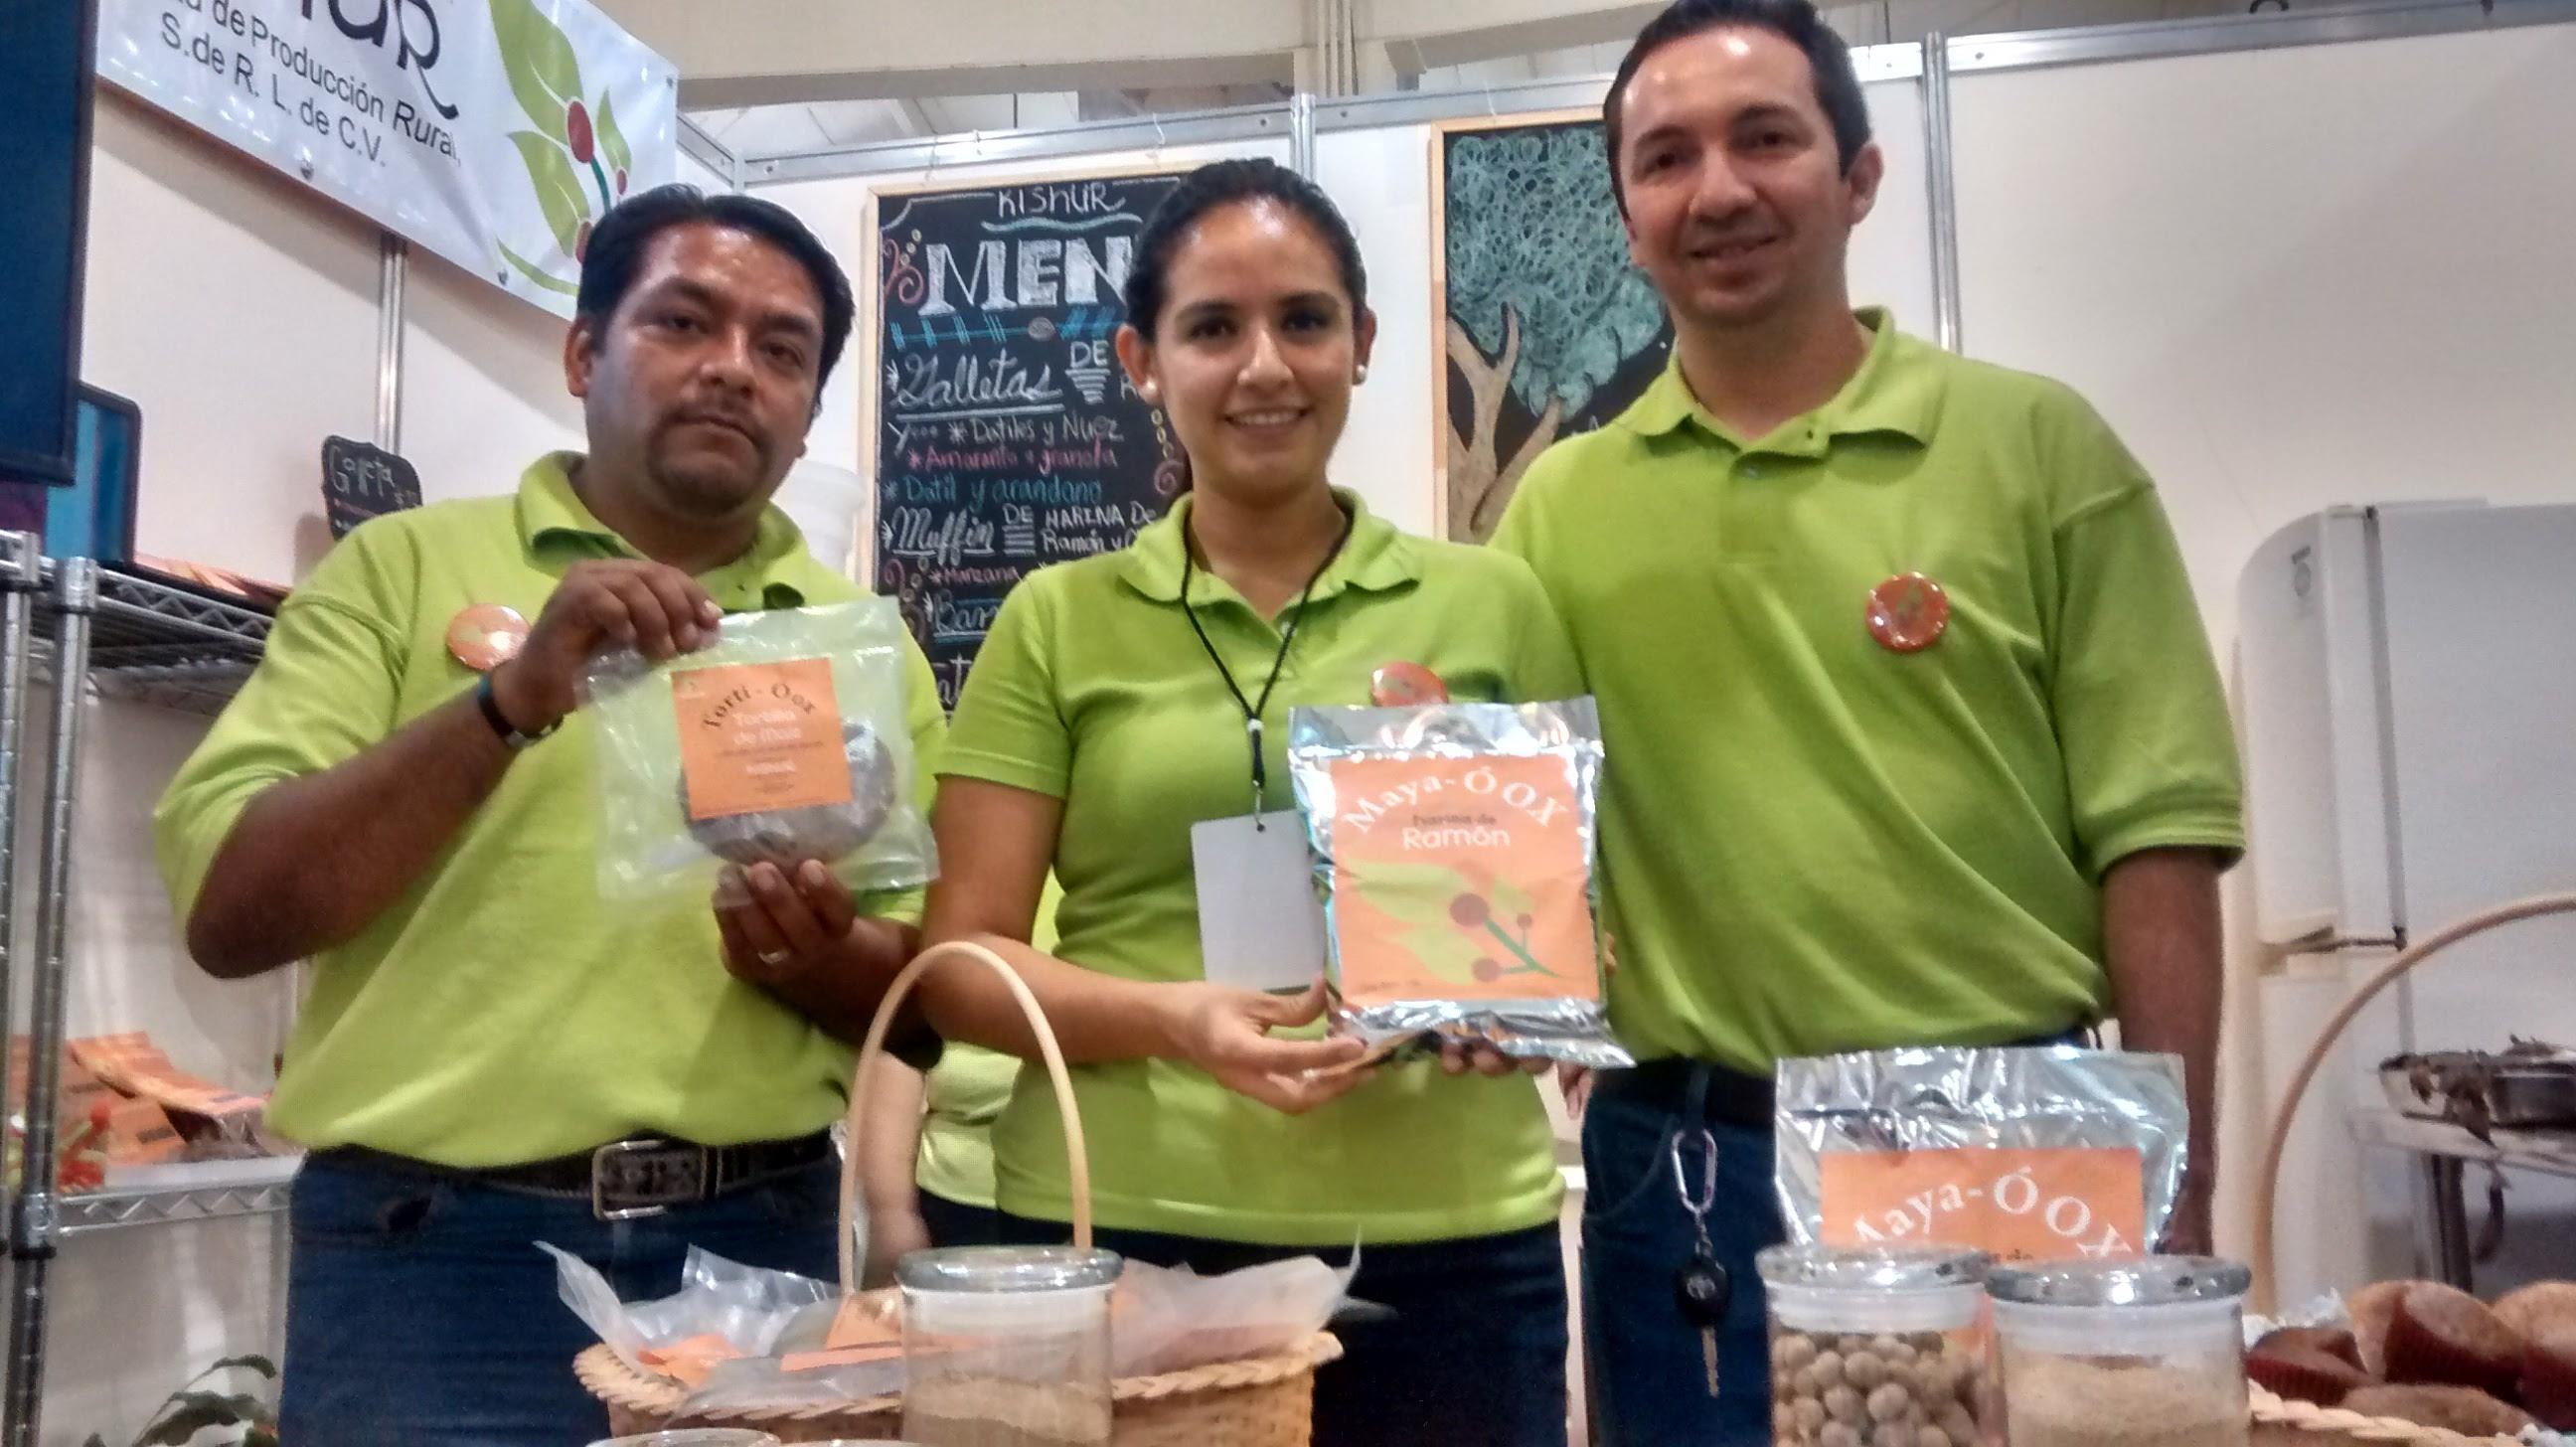 Árbol de Ramón, alternativa contra  pobreza y desnutrición